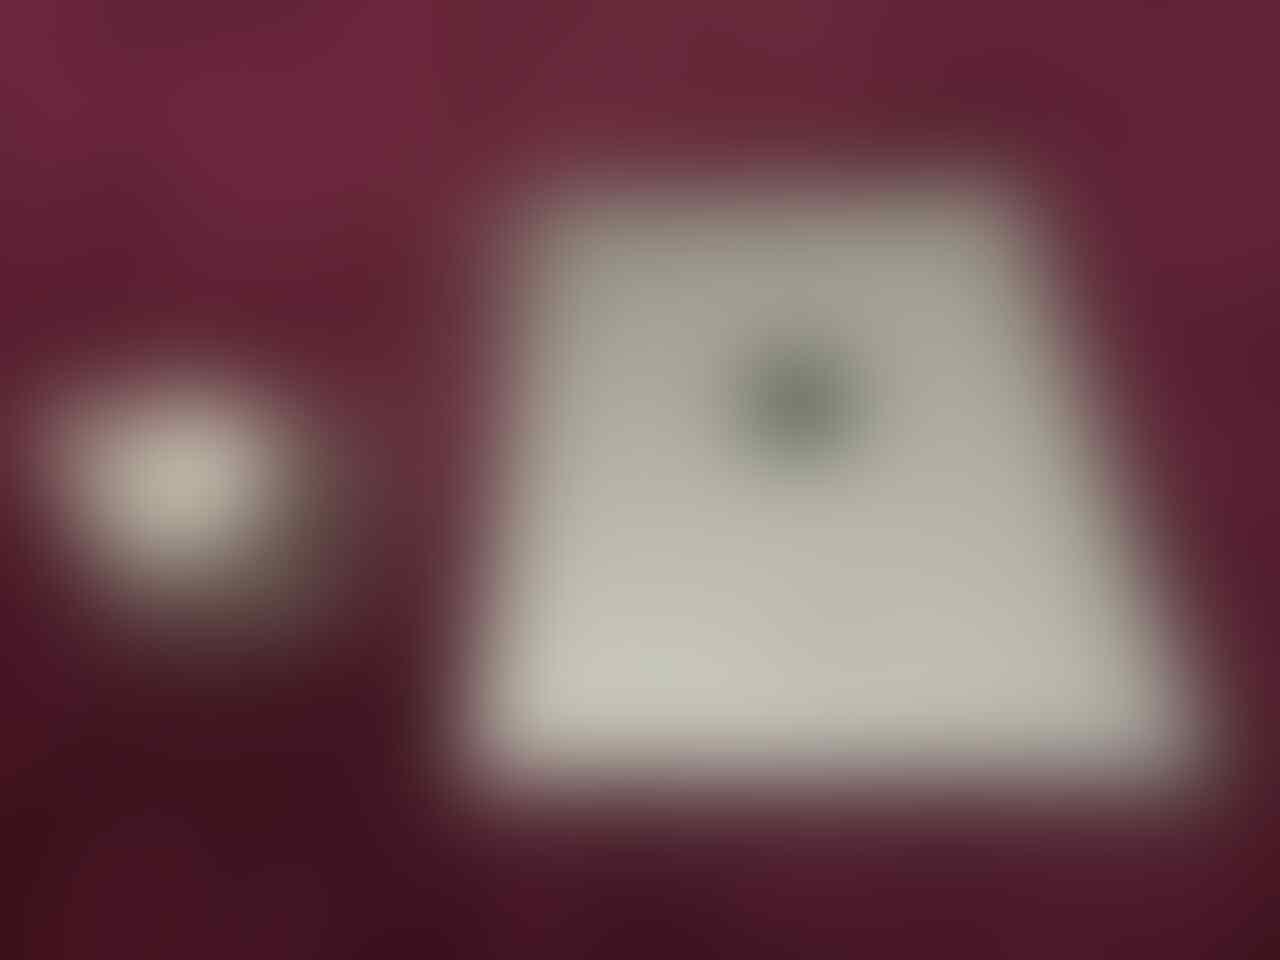 IPAD 4 RETINA DISPLAY 64GB WIFI CELL MULUSS